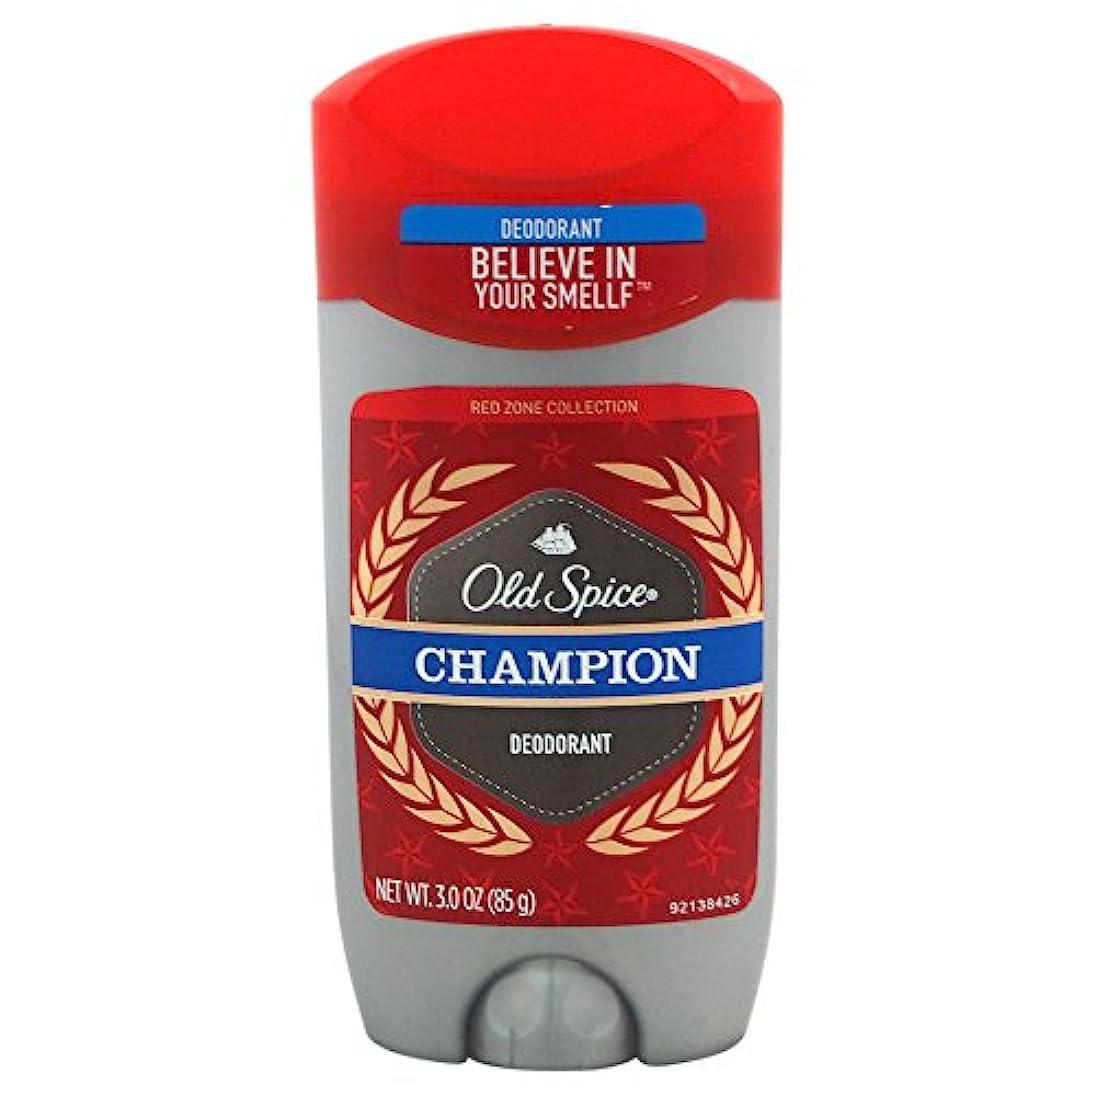 ガイドライン講師二オールドスパイス(Old Spice) Deodorant デオドラント Red zone CHAMPION/チャンピョン 85g [並行輸入品]